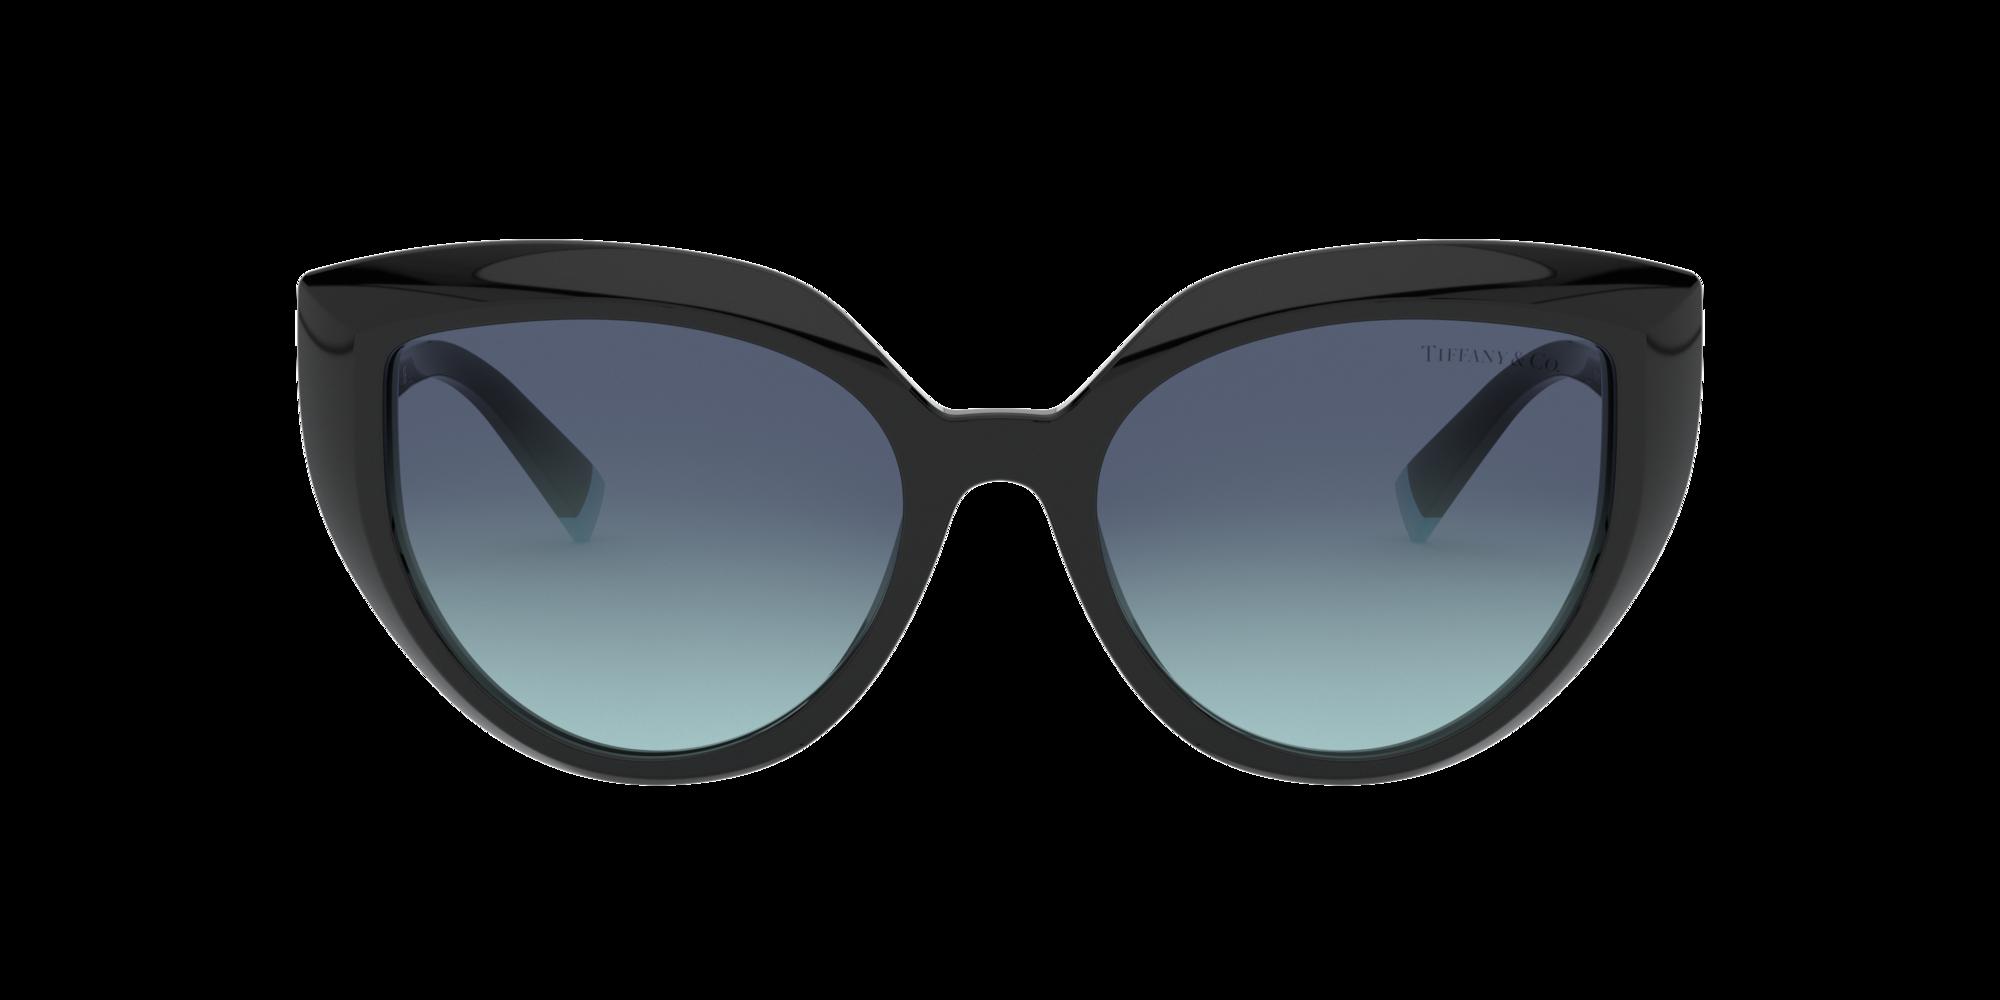 Imagen para TF4170 54 de LensCrafters |  Espejuelos, espejuelos graduados en línea, gafas